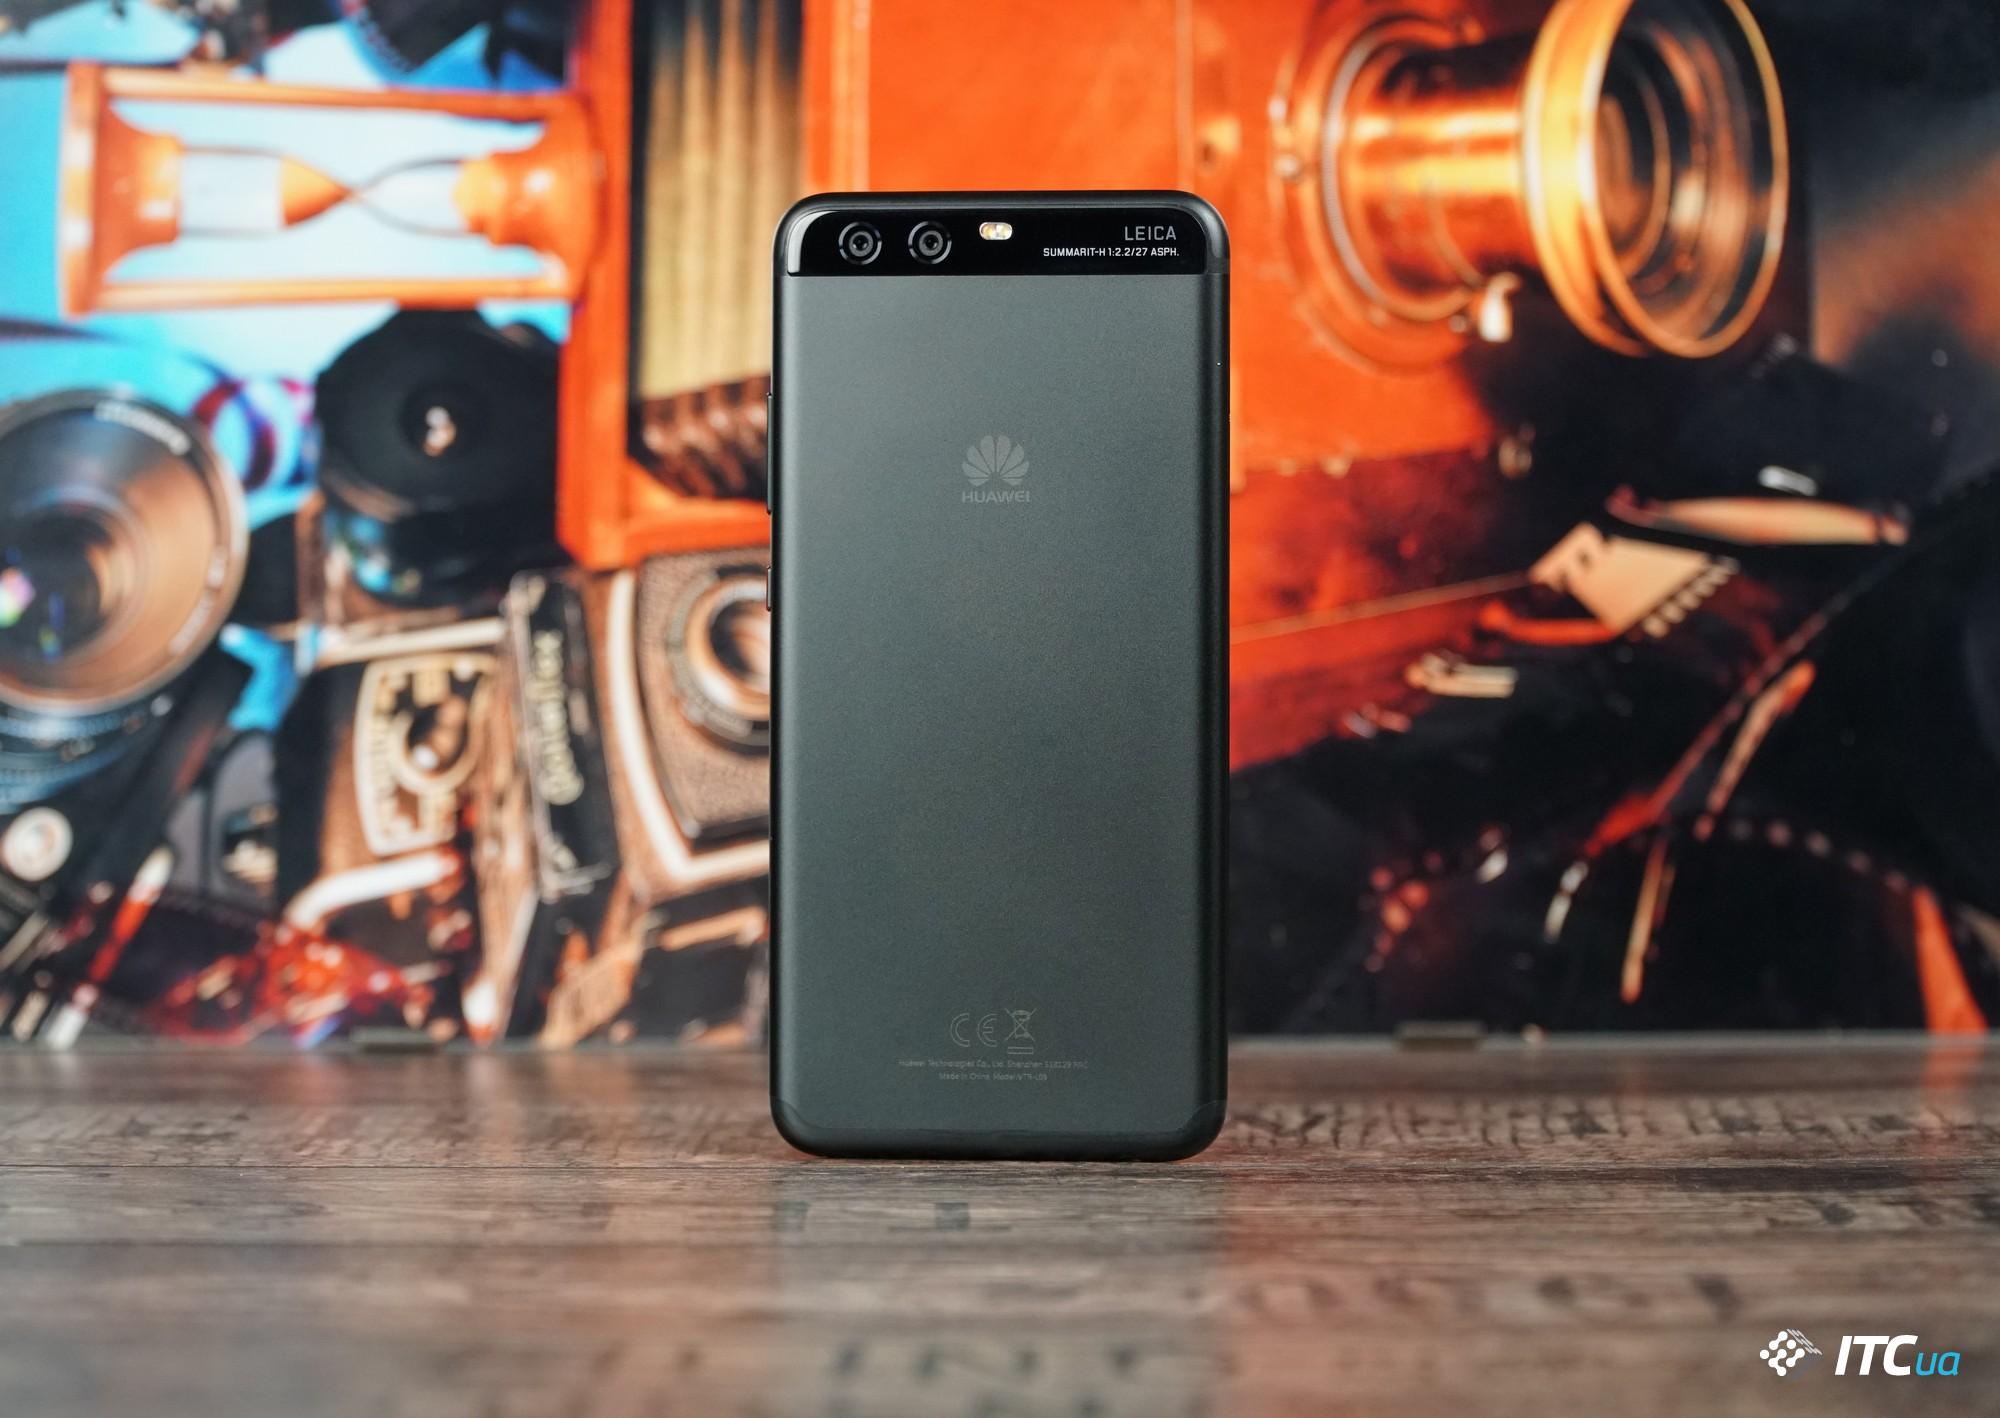 Обзор Huawei P10: вся «соль» в камерах - ITC.ua